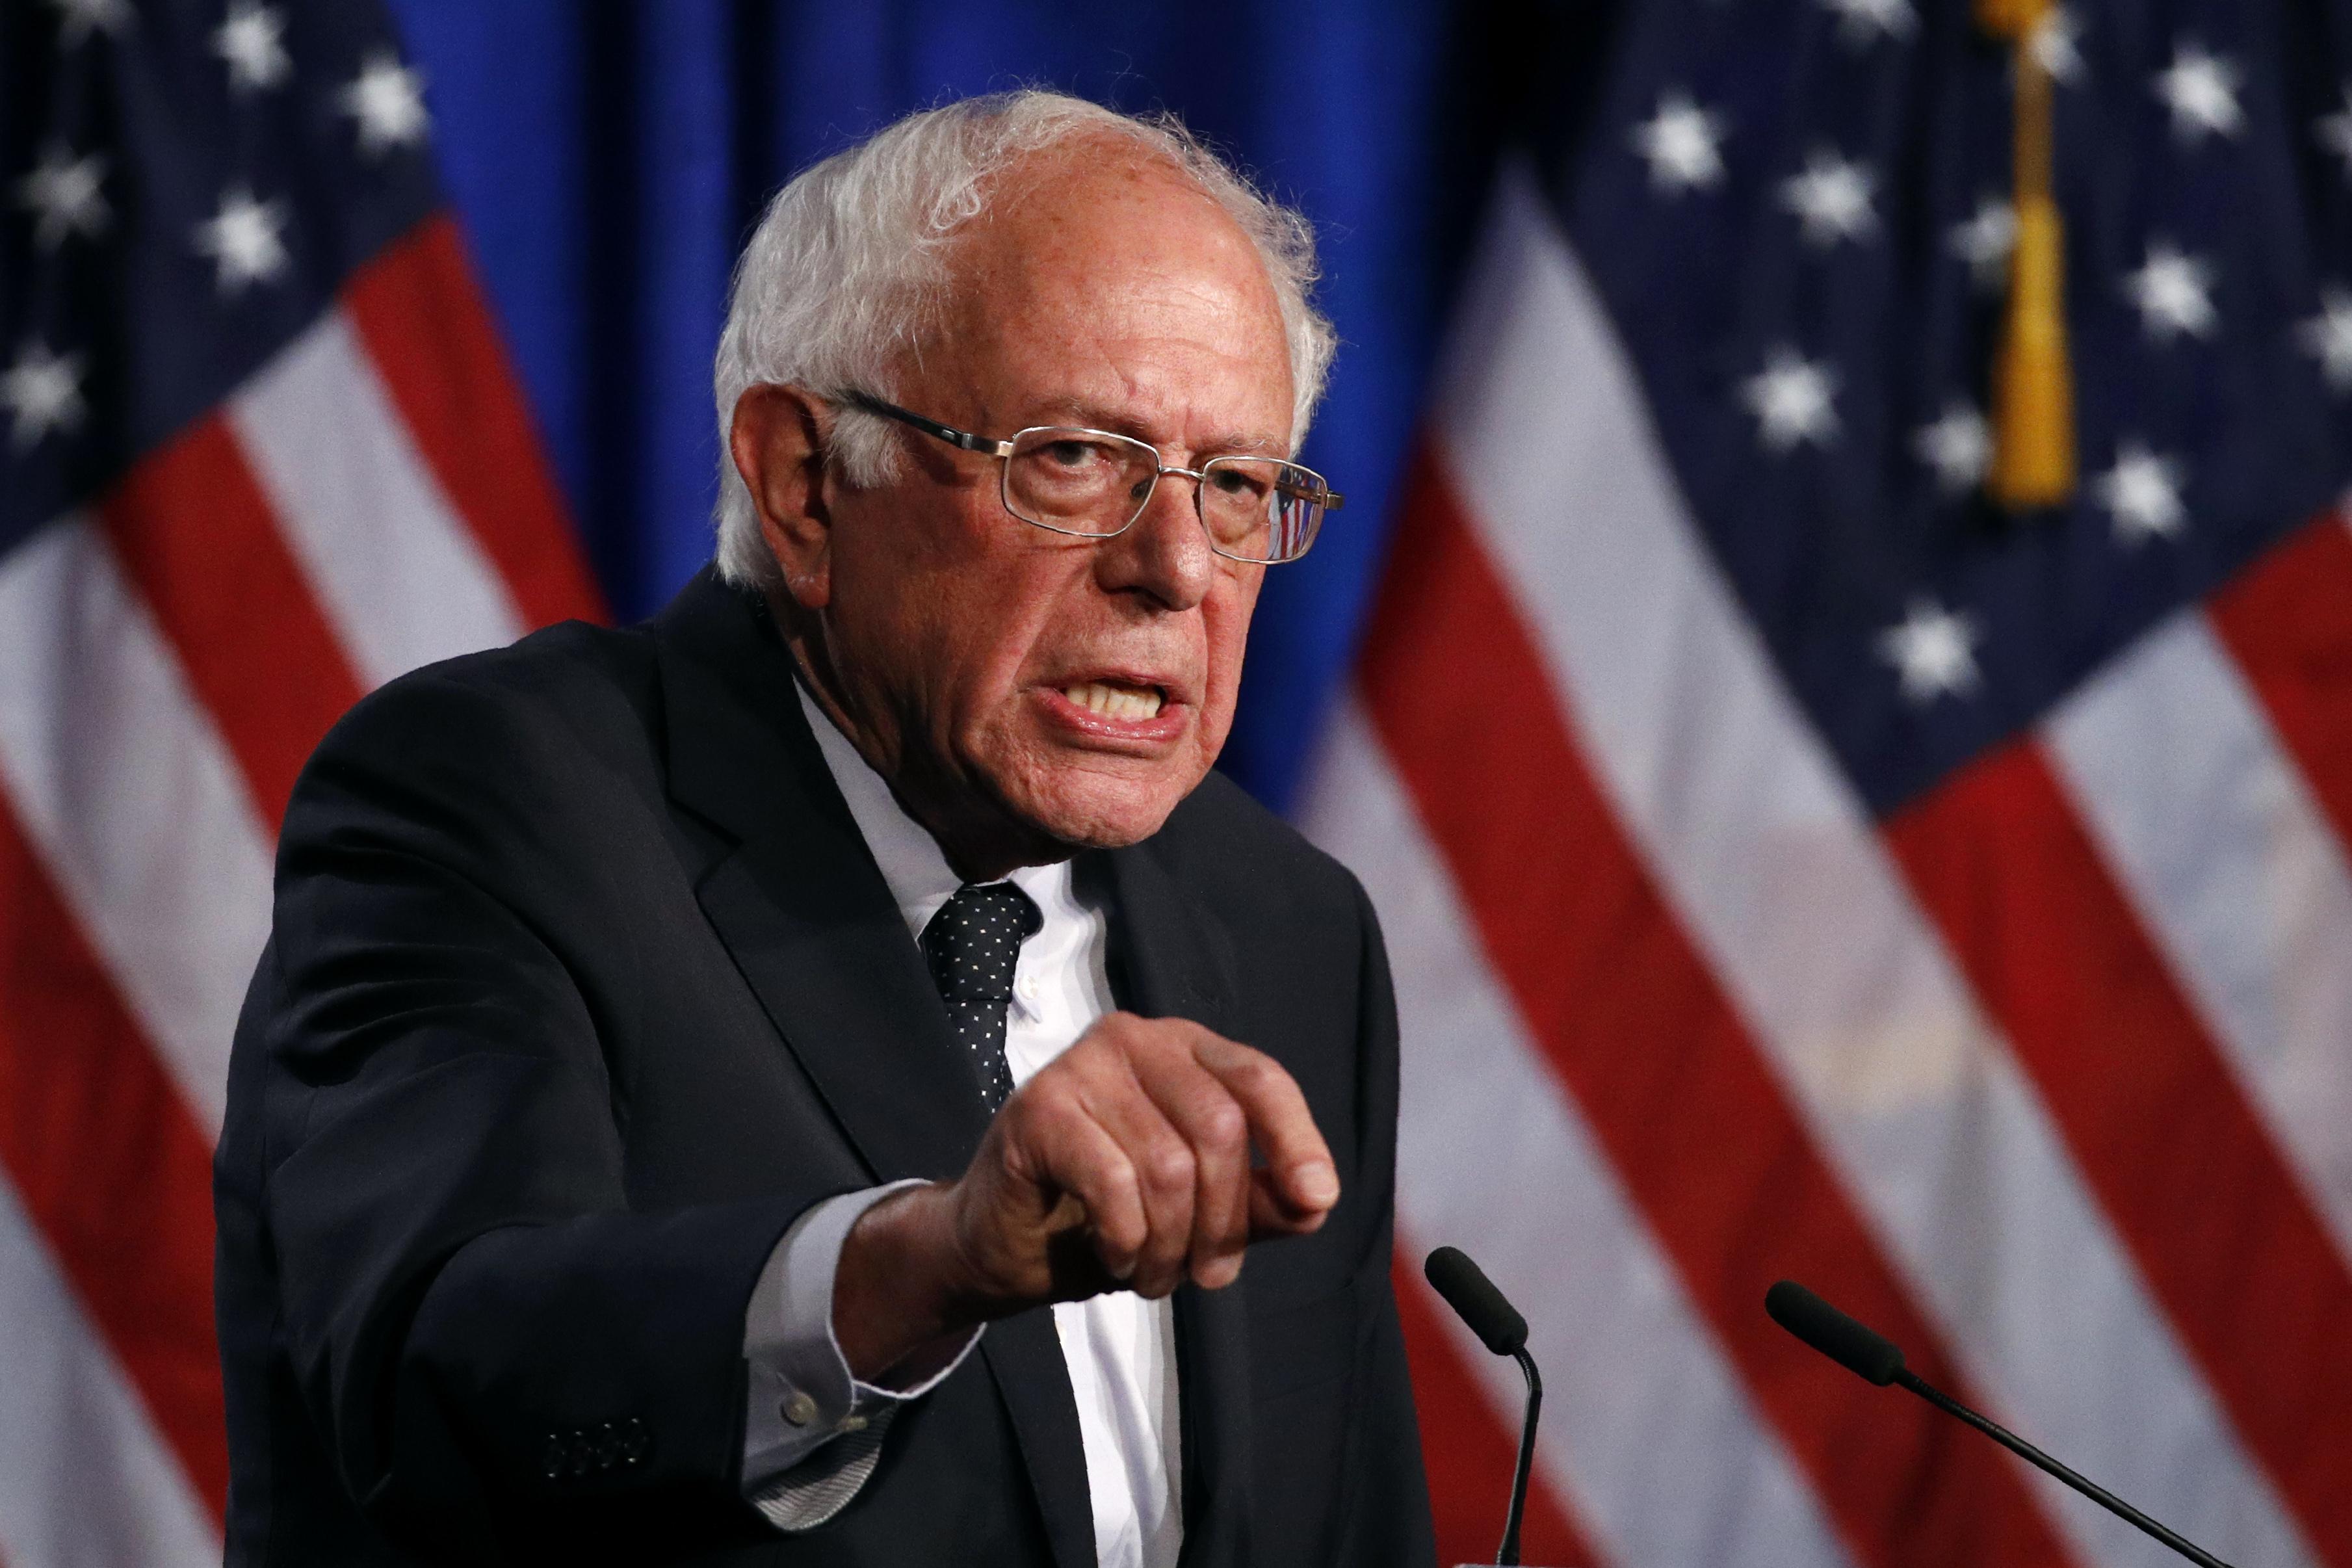 Bernie Sanders thinks media is unfair, so he created his own